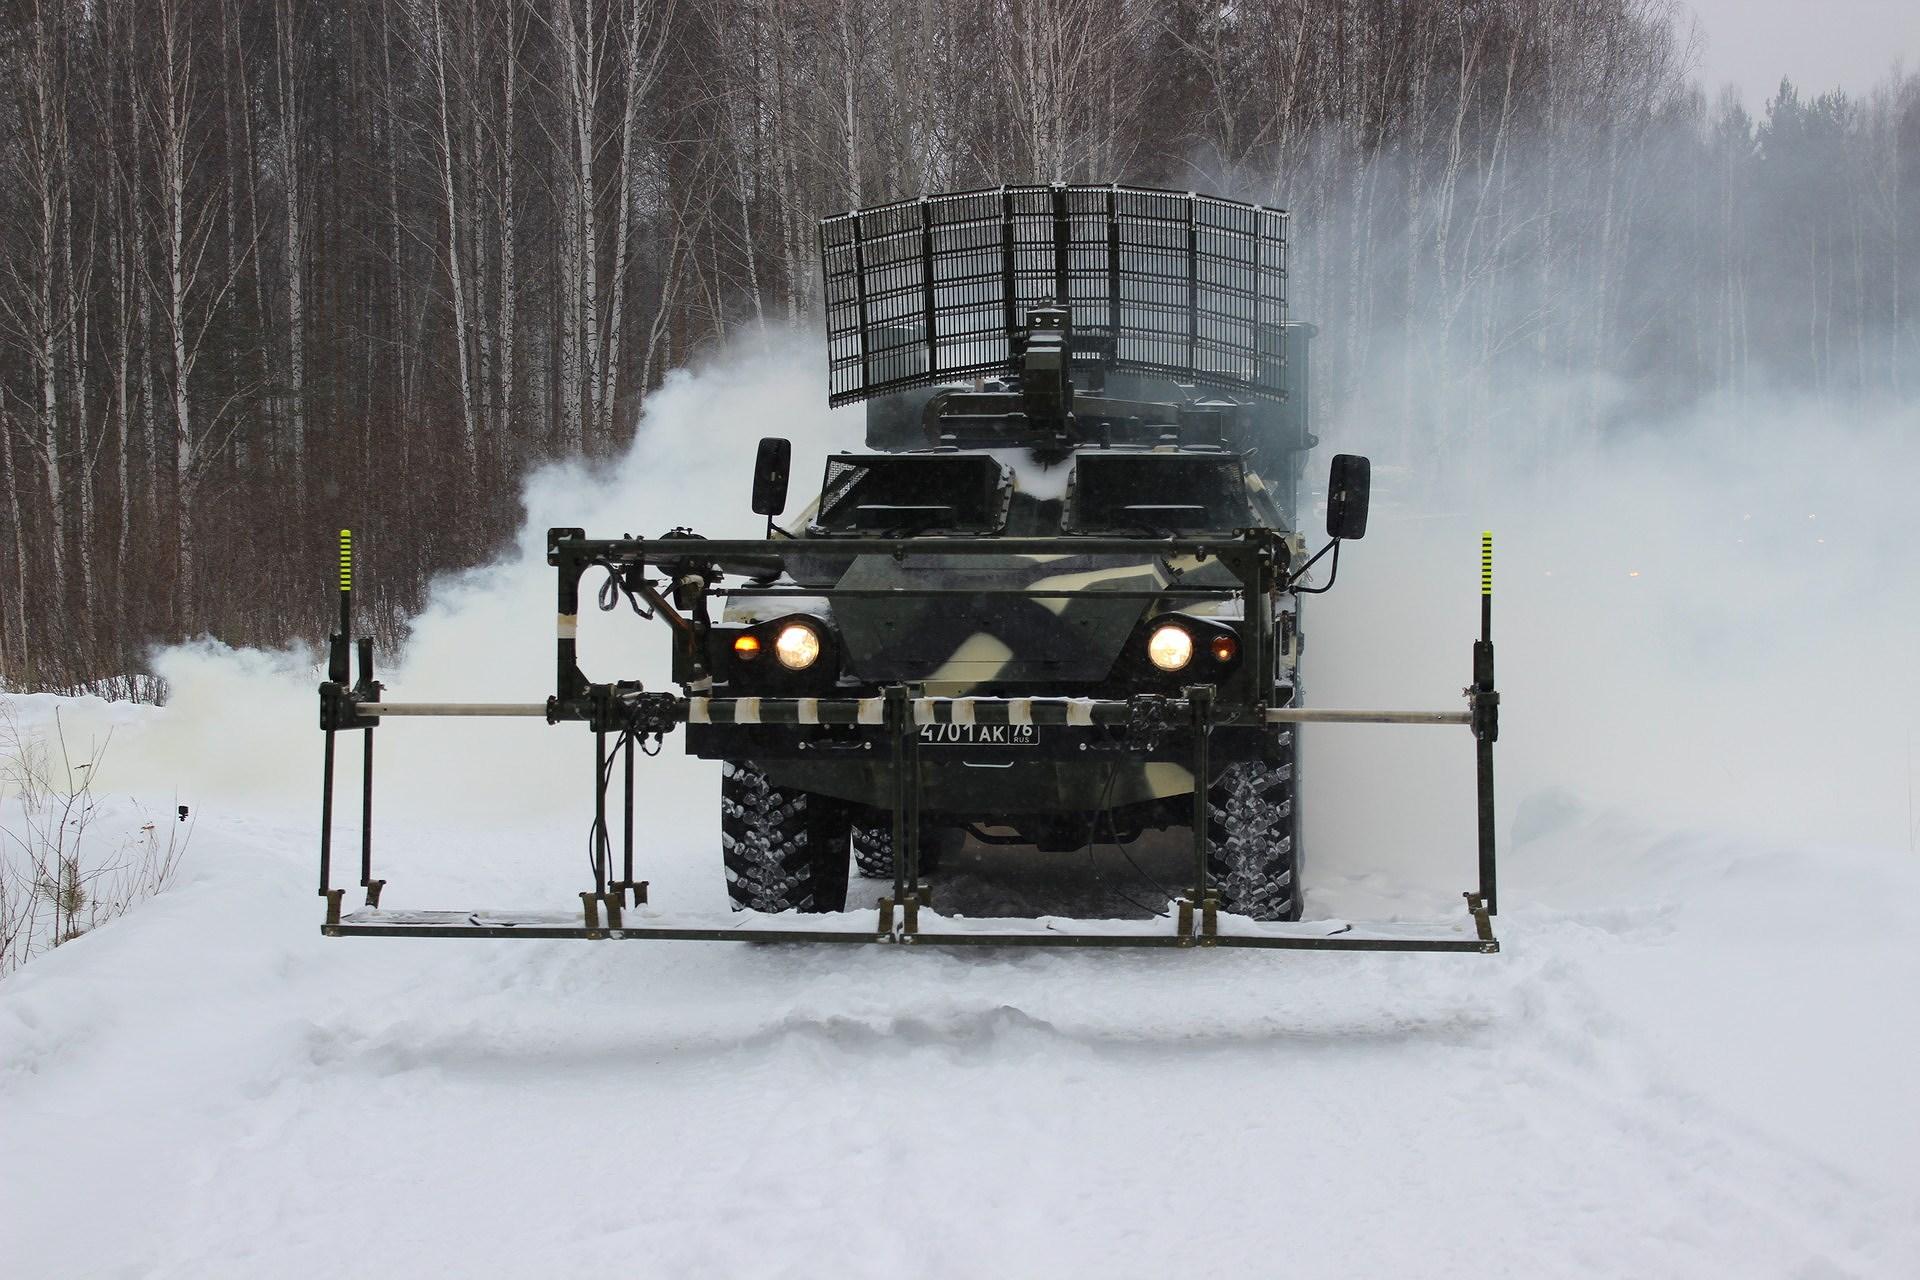 Nga khiến kẻ thù 'tắt điện' với loại vũ khí ghê gớm này Ảnh 3